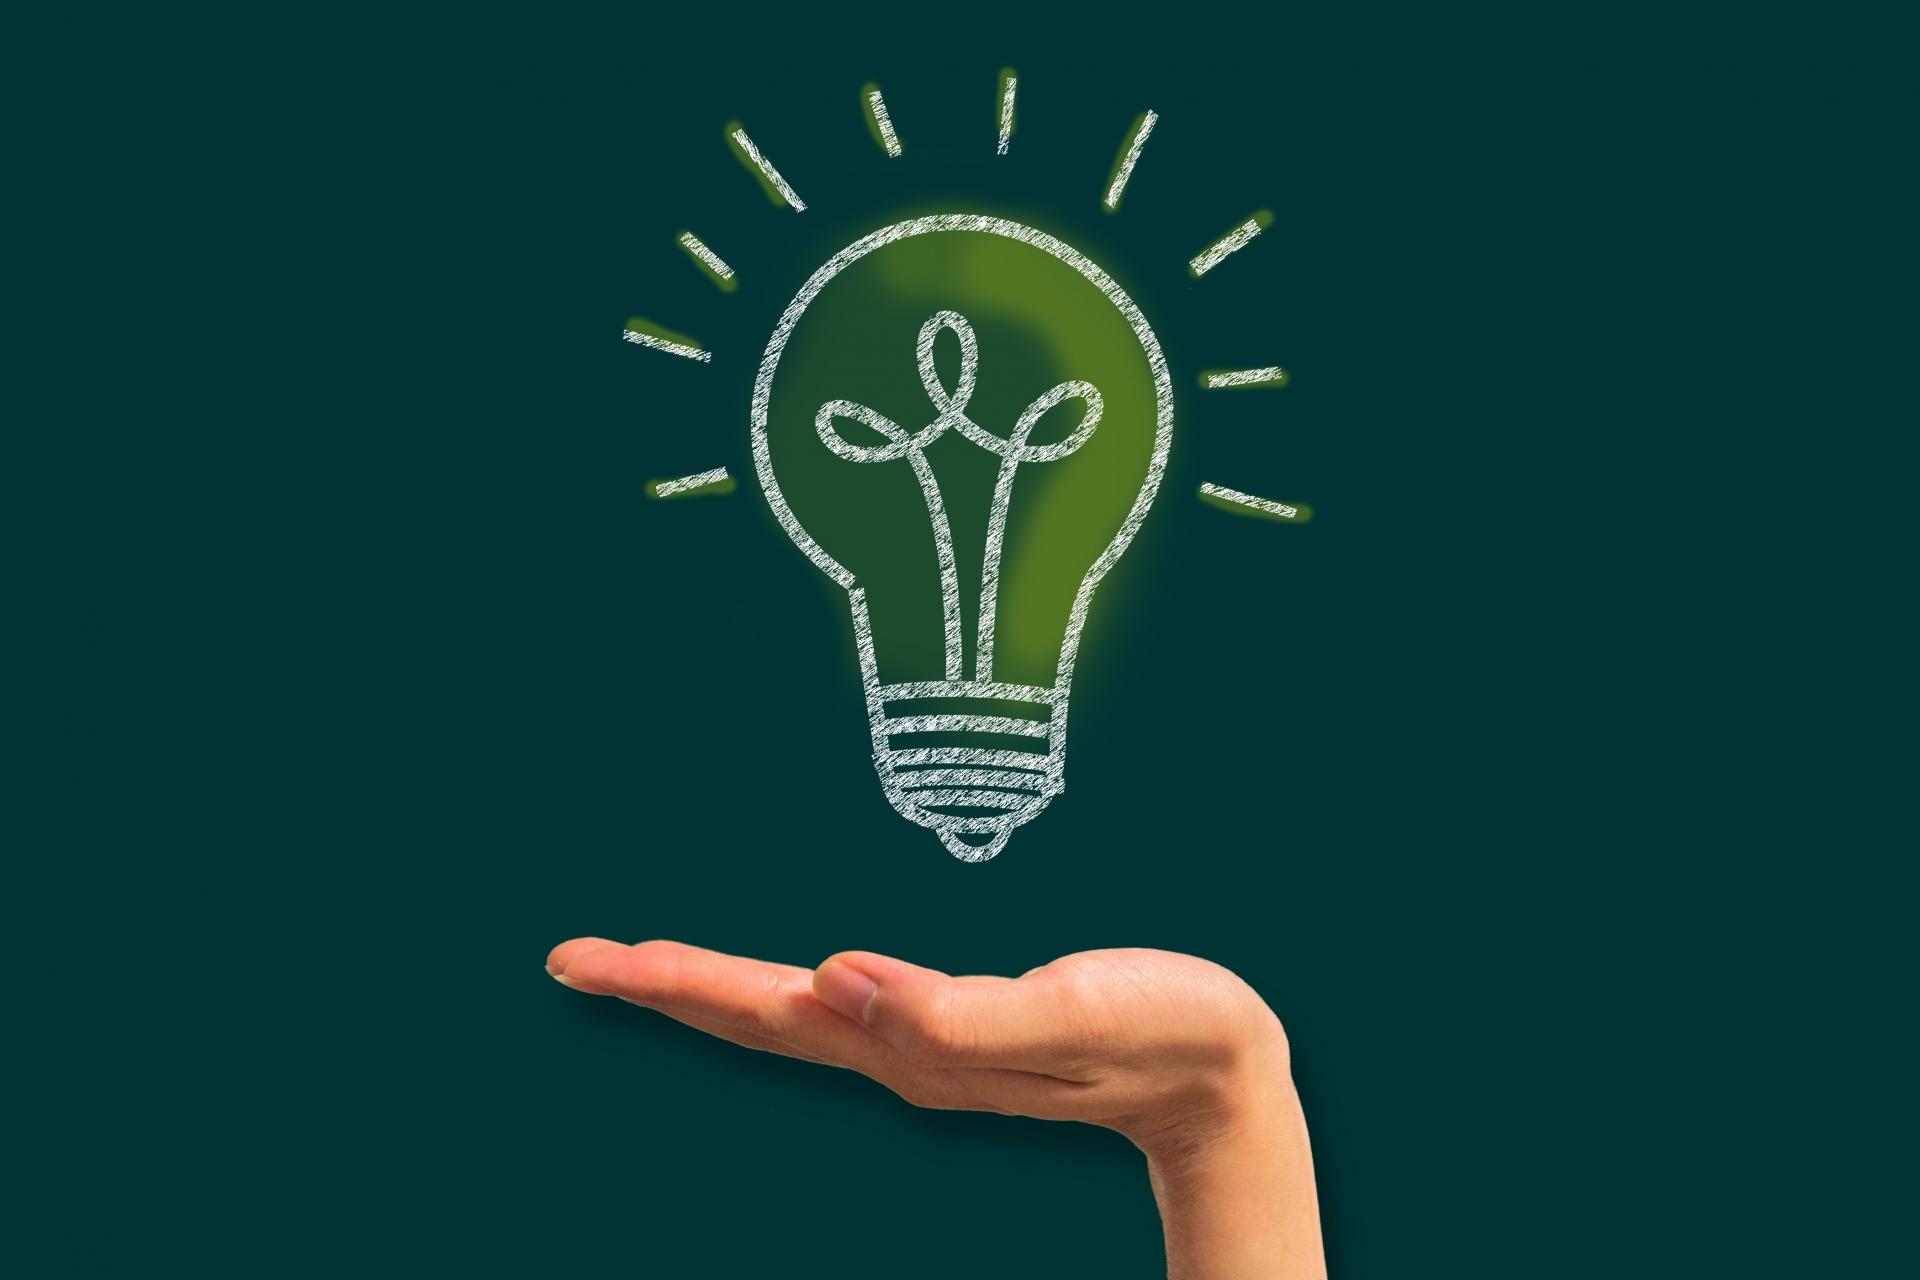 登記を変更する際の基礎知識。費用や書類などの疑問点の解決に向けて